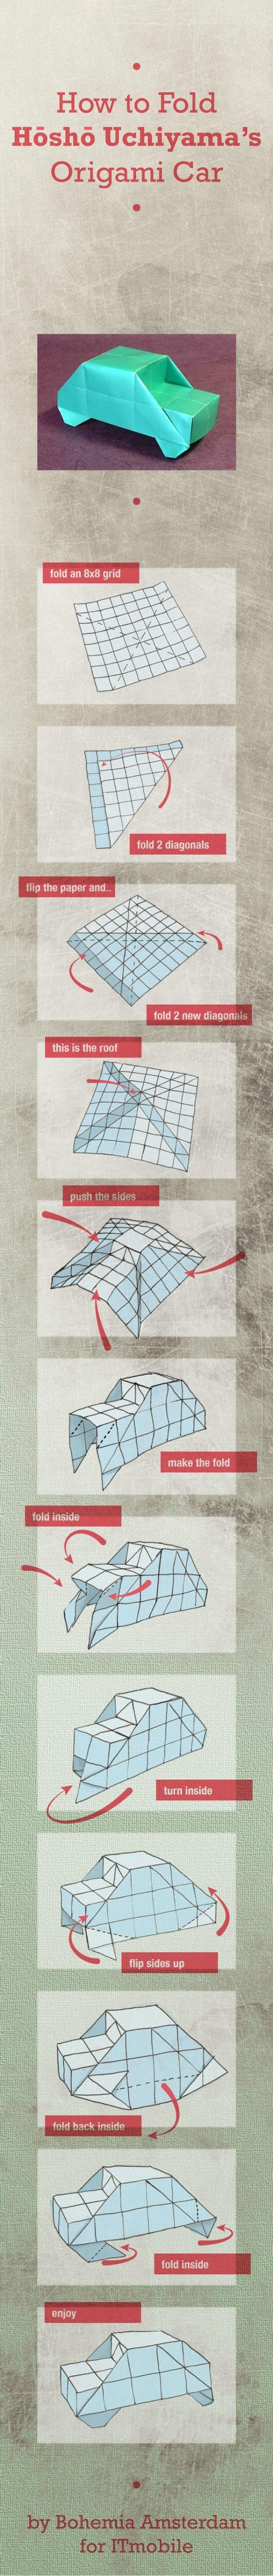 HowtoFold HoshoUchiyamas OrigamiCar O ByBohemiaAmsterdam ForITmobile